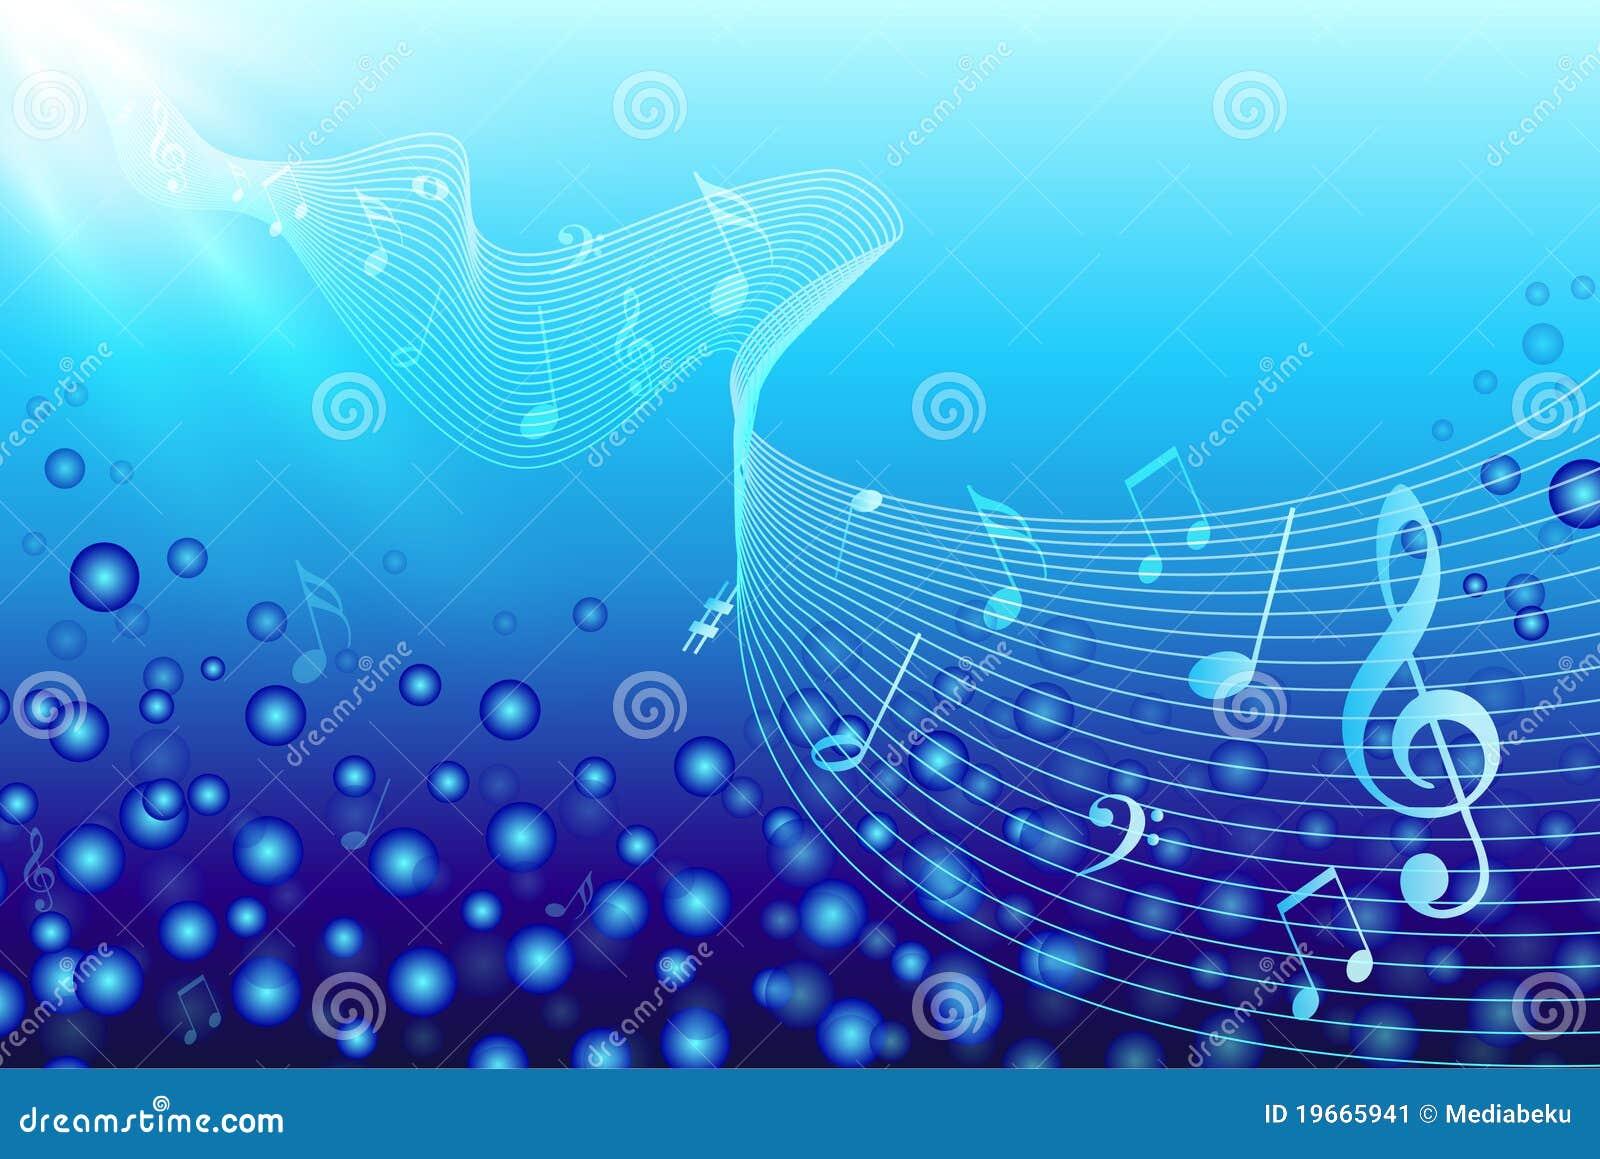 De Notas Van De Muziek In Water Stock Afbeelding Afbeelding